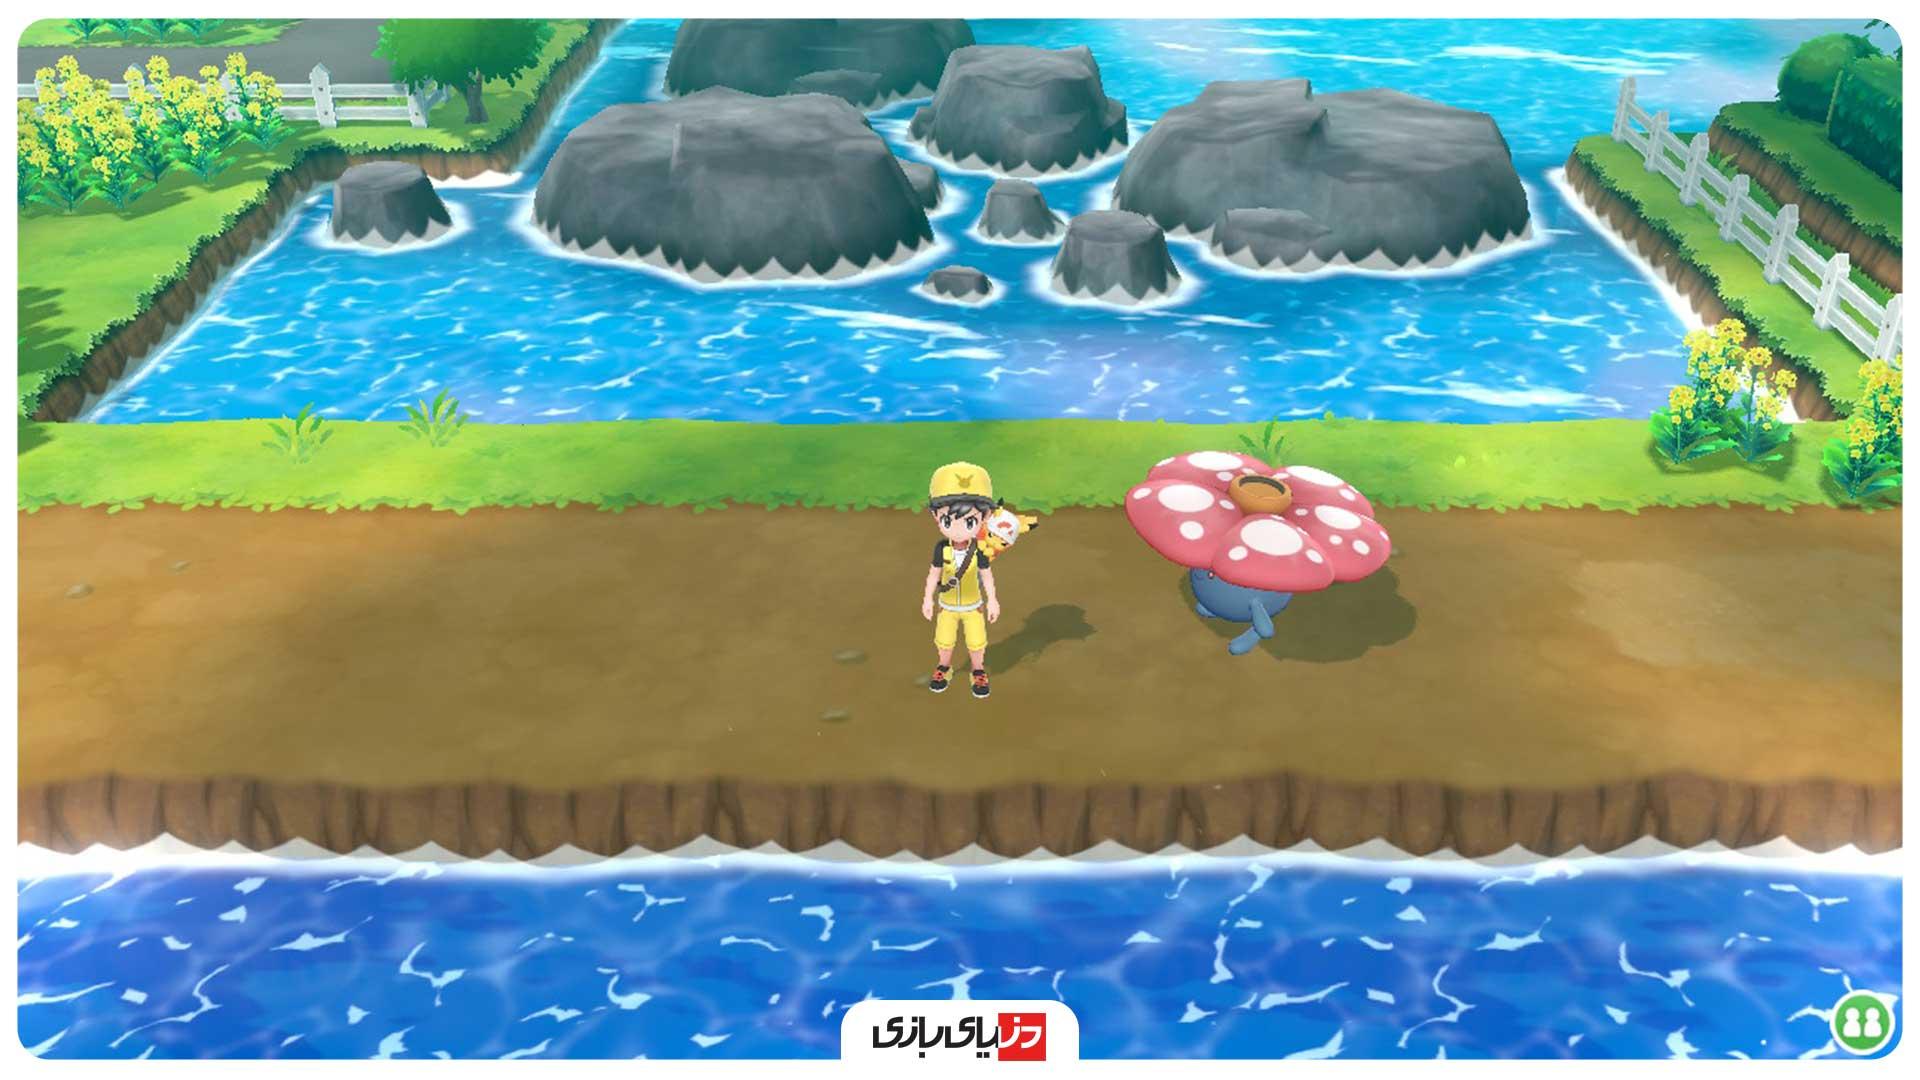 تریلر بازی Pokemon Let's Go Pikachu and Let's Go Eevee - گیم پلی بازی Pokemon Let's Go Pikachu and Let's Go Eevee